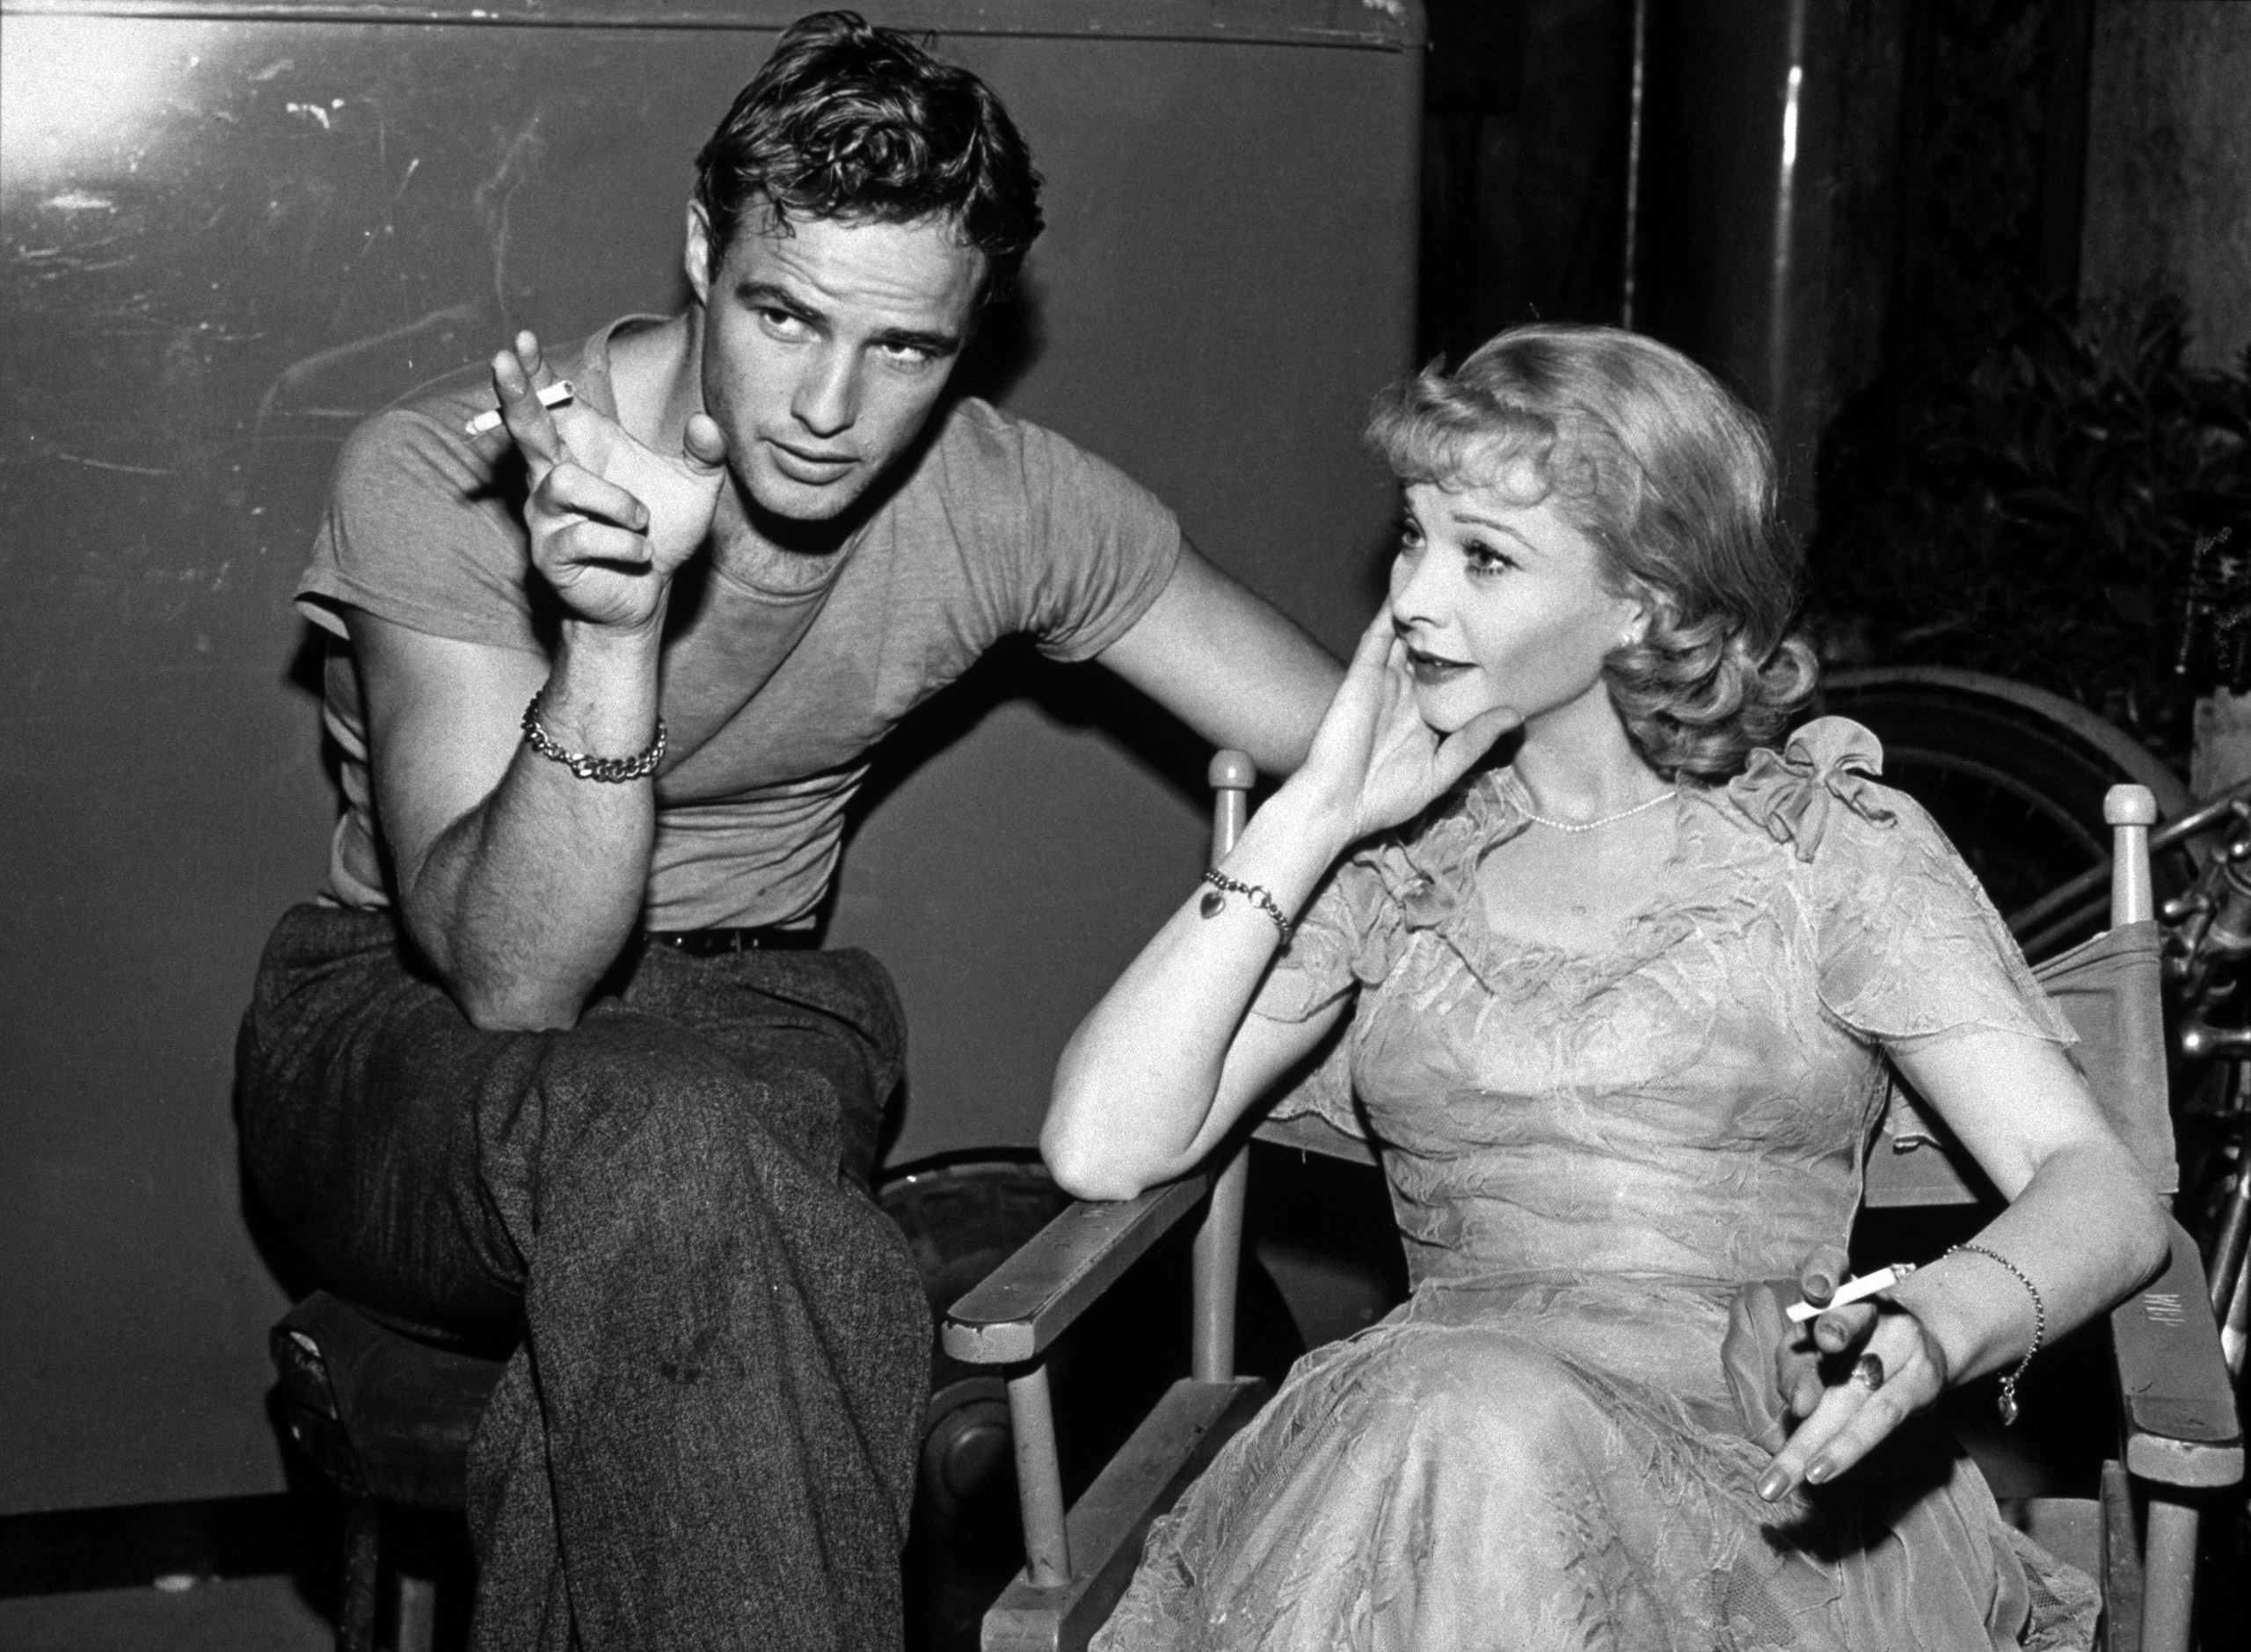 Marlon Brando and Vivien Leigh relax on the set of 'A Streetcar Named Desire', circa 1951.